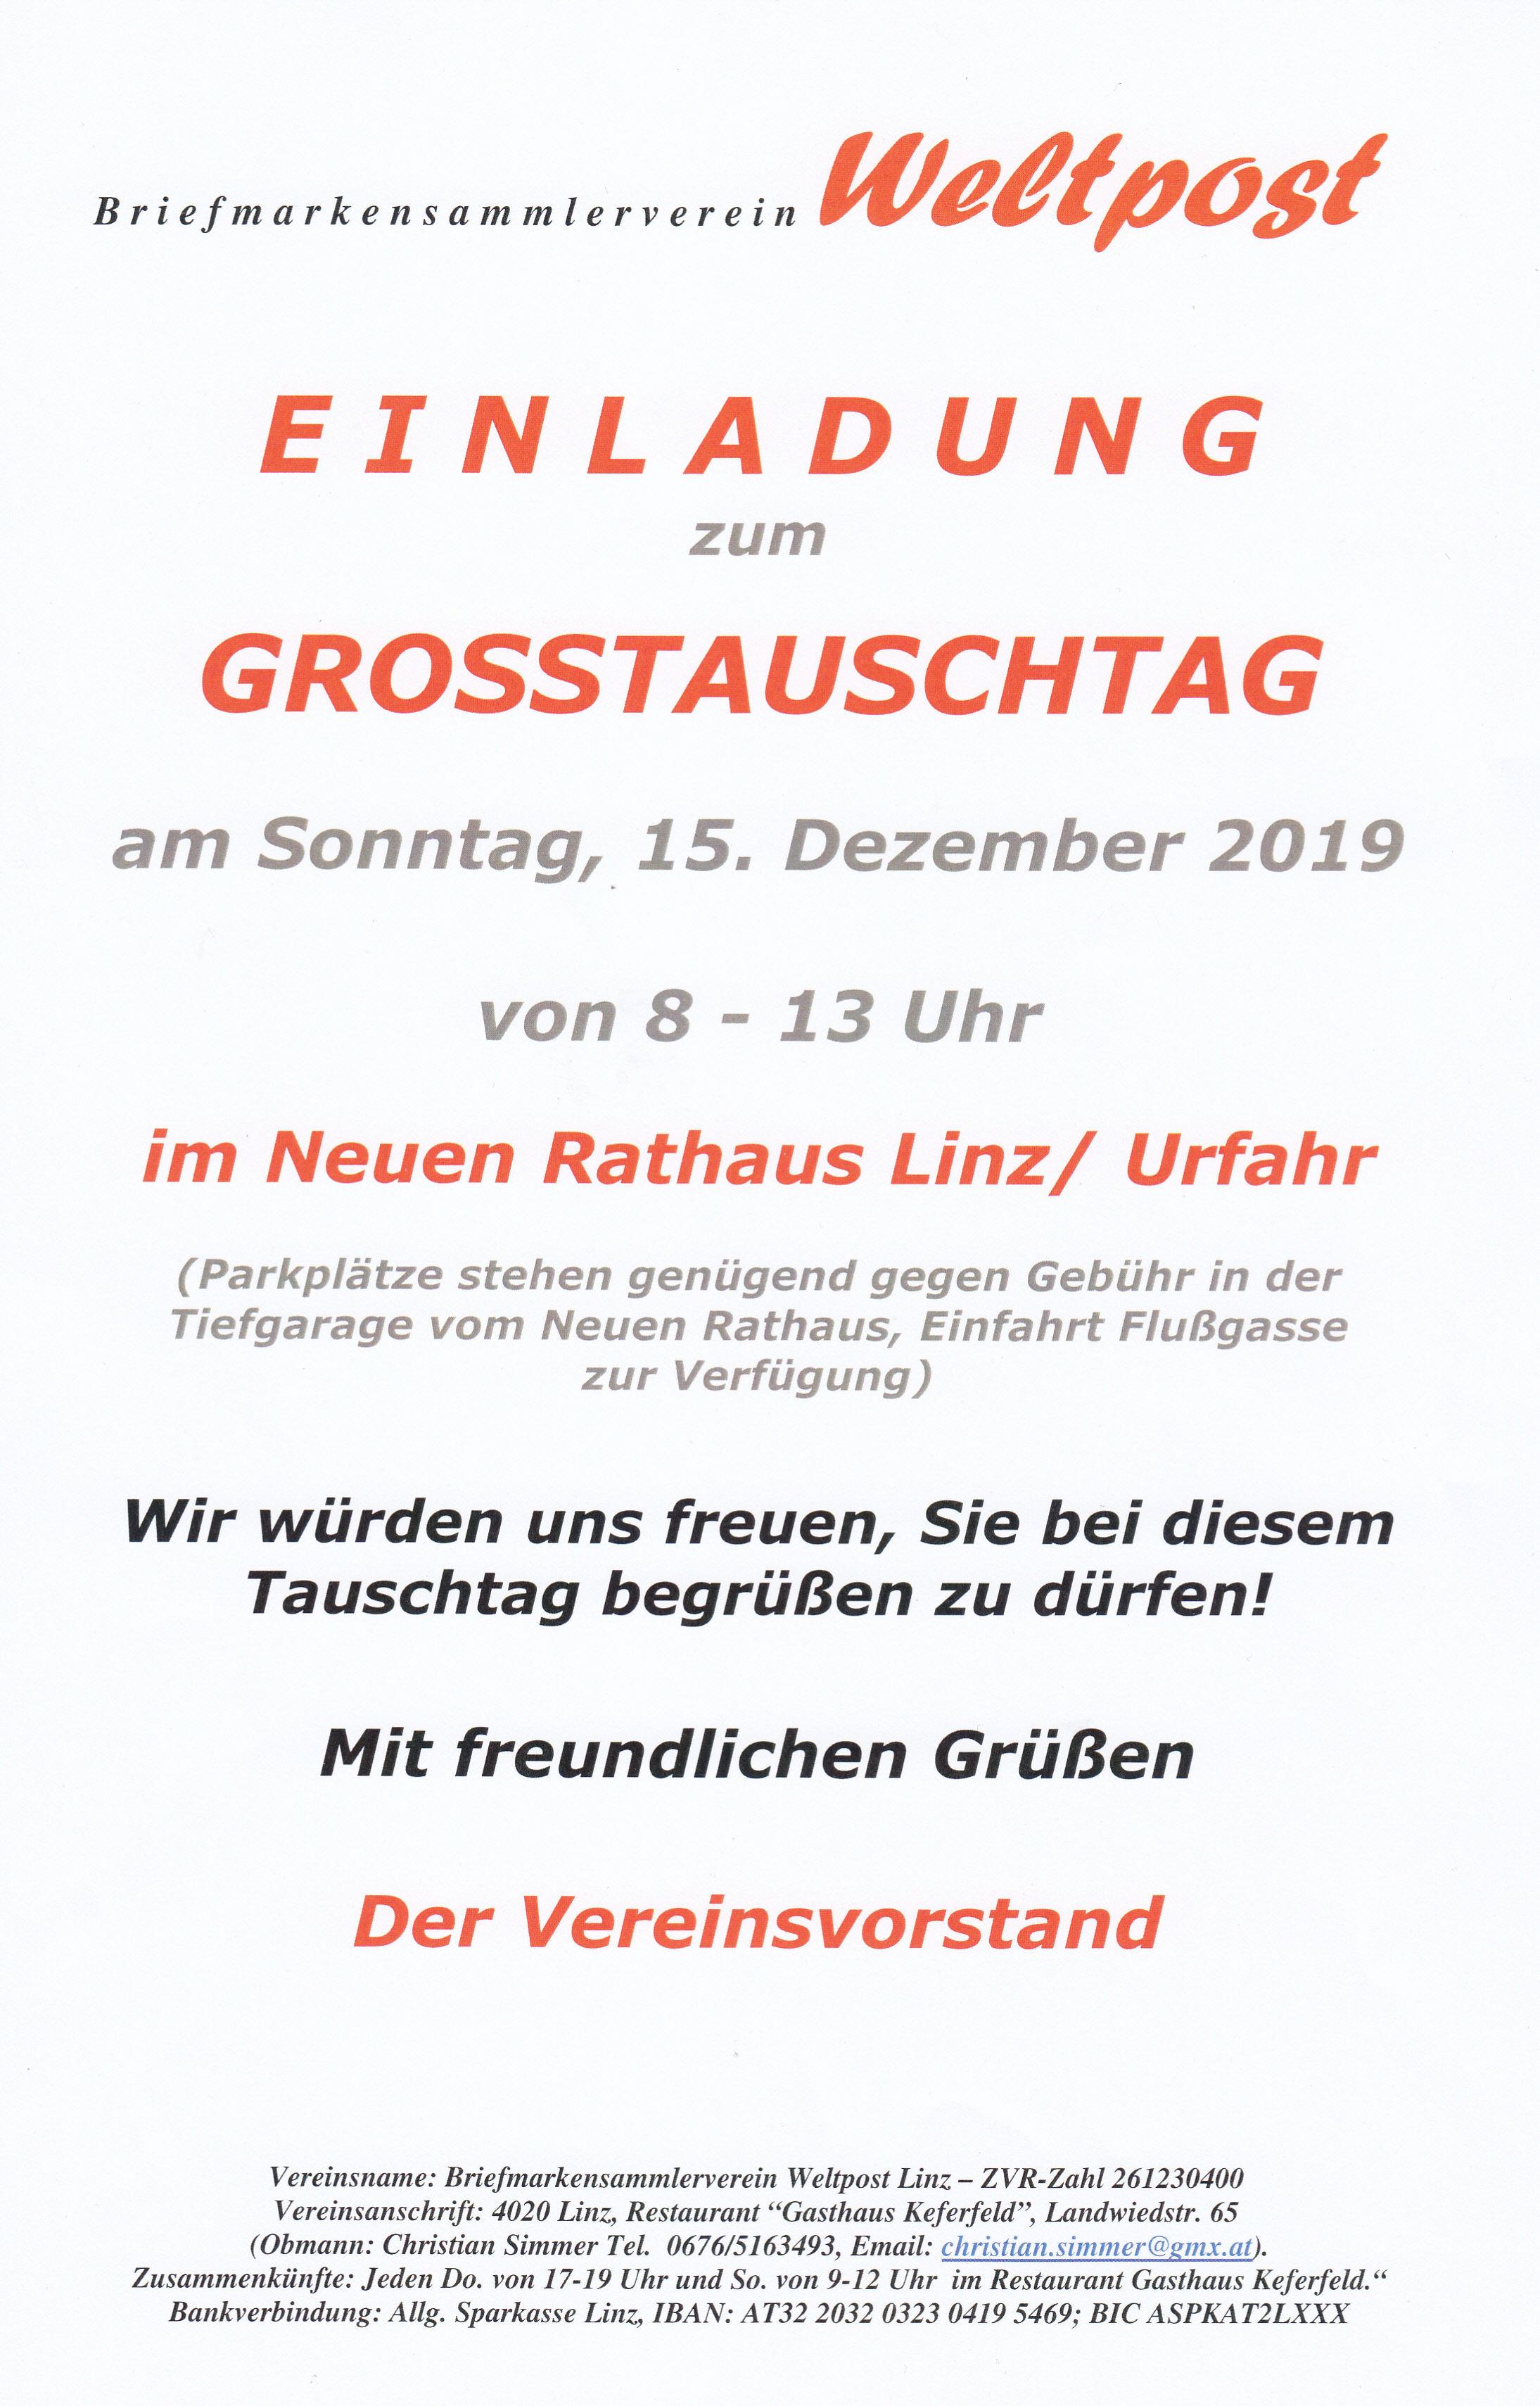 Tauschtag Linz 15.12.2019 8 - 13 Uhr im Neuen Rathaus Linz/Urfahr Img248